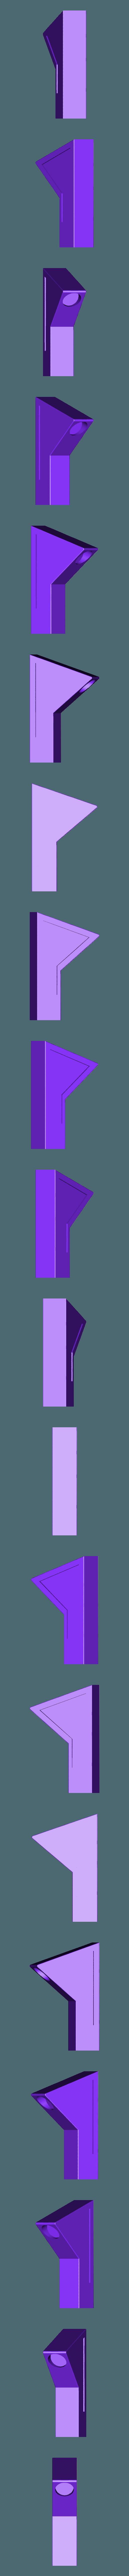 Stock.stl Télécharger fichier STL gratuit Mario + Lapins Crétins - Plumer's Helper Boomshot • Modèle pour impression 3D, Dsk